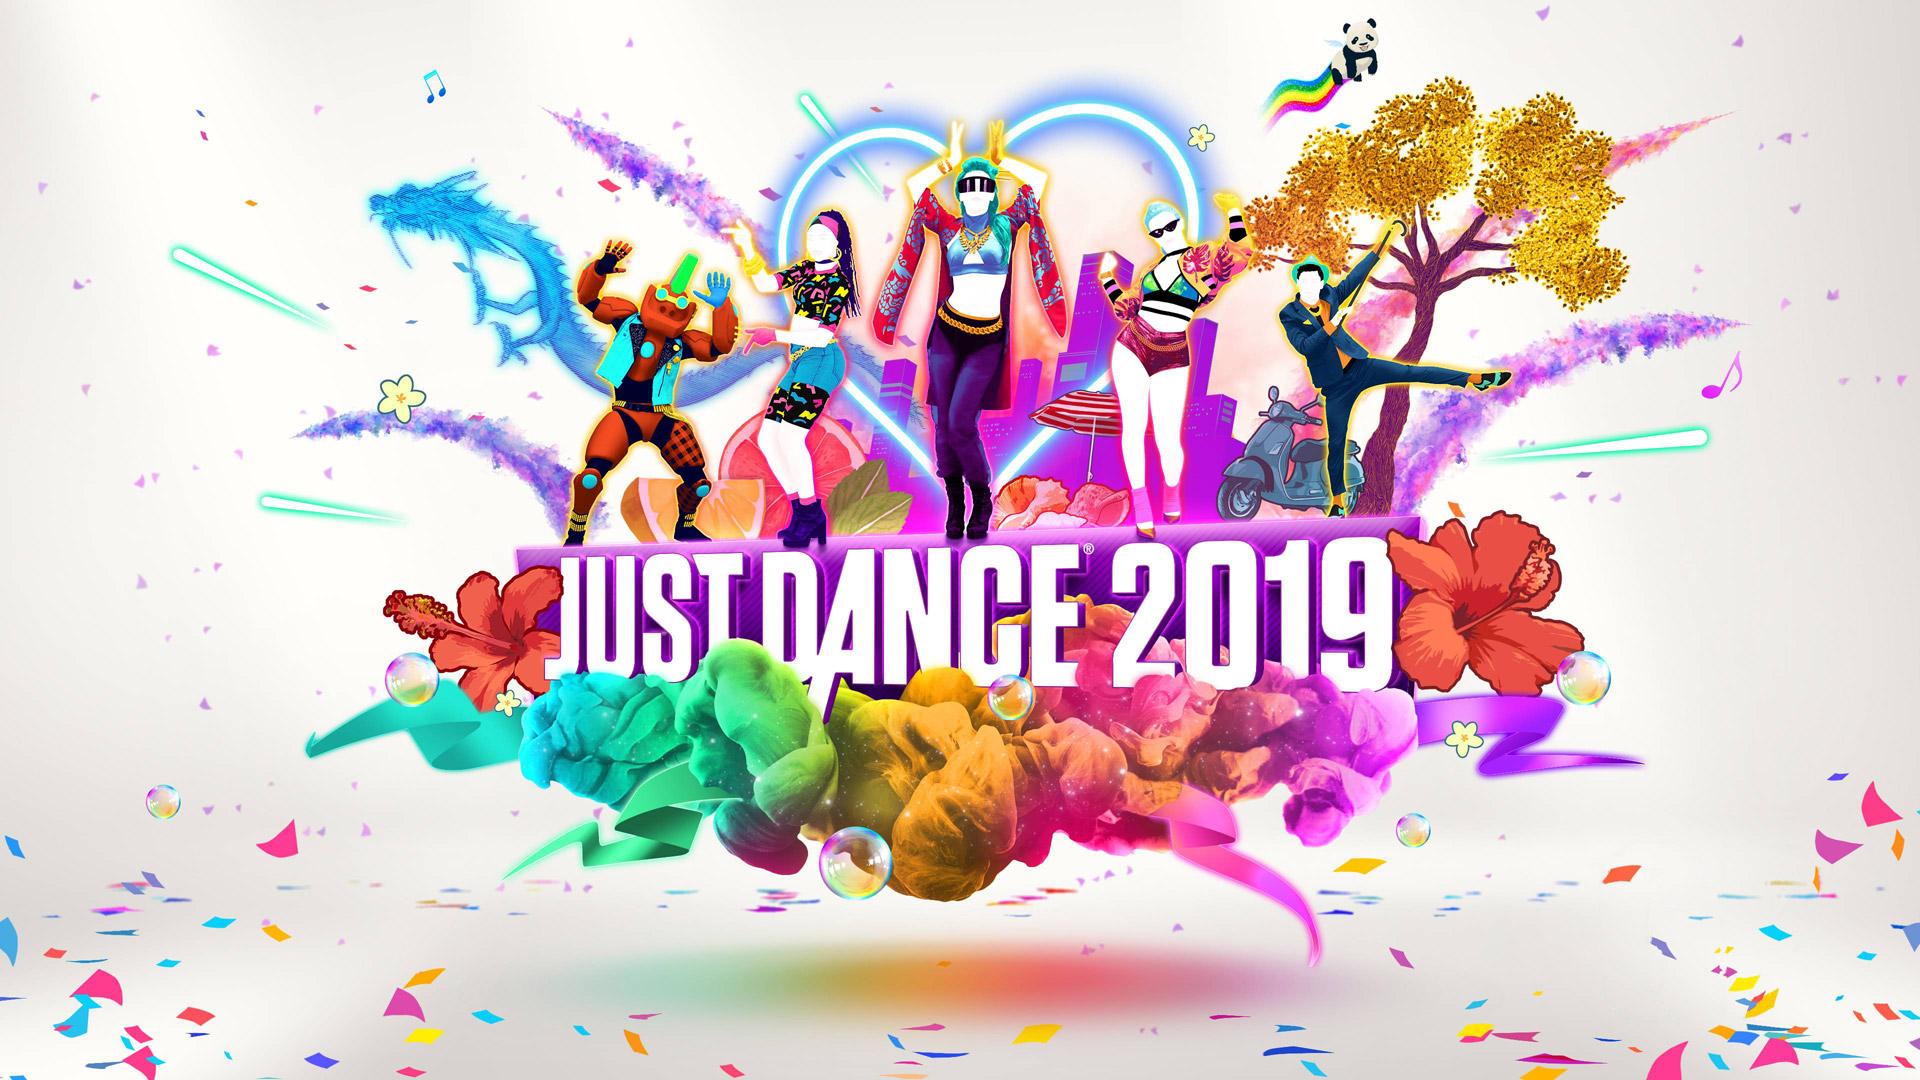 Just Dance 2019 Wallpaper in 1920x1080